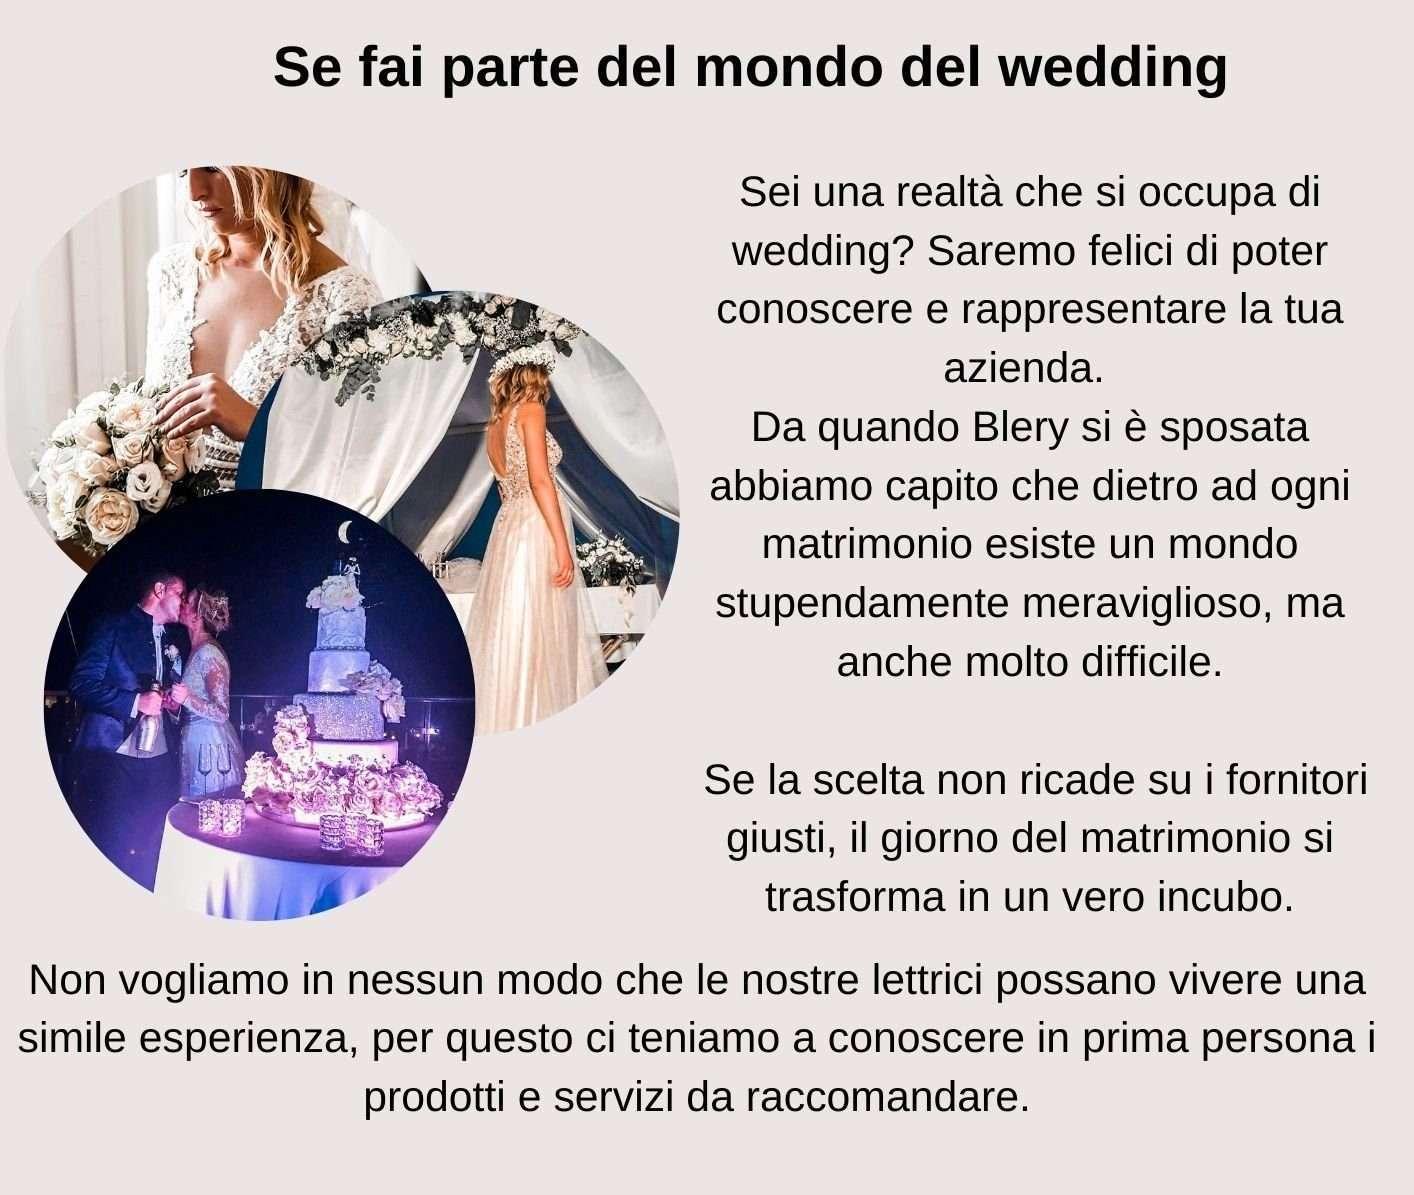 pubblicizza la tua attività di matrimoni, prodotti e servizi